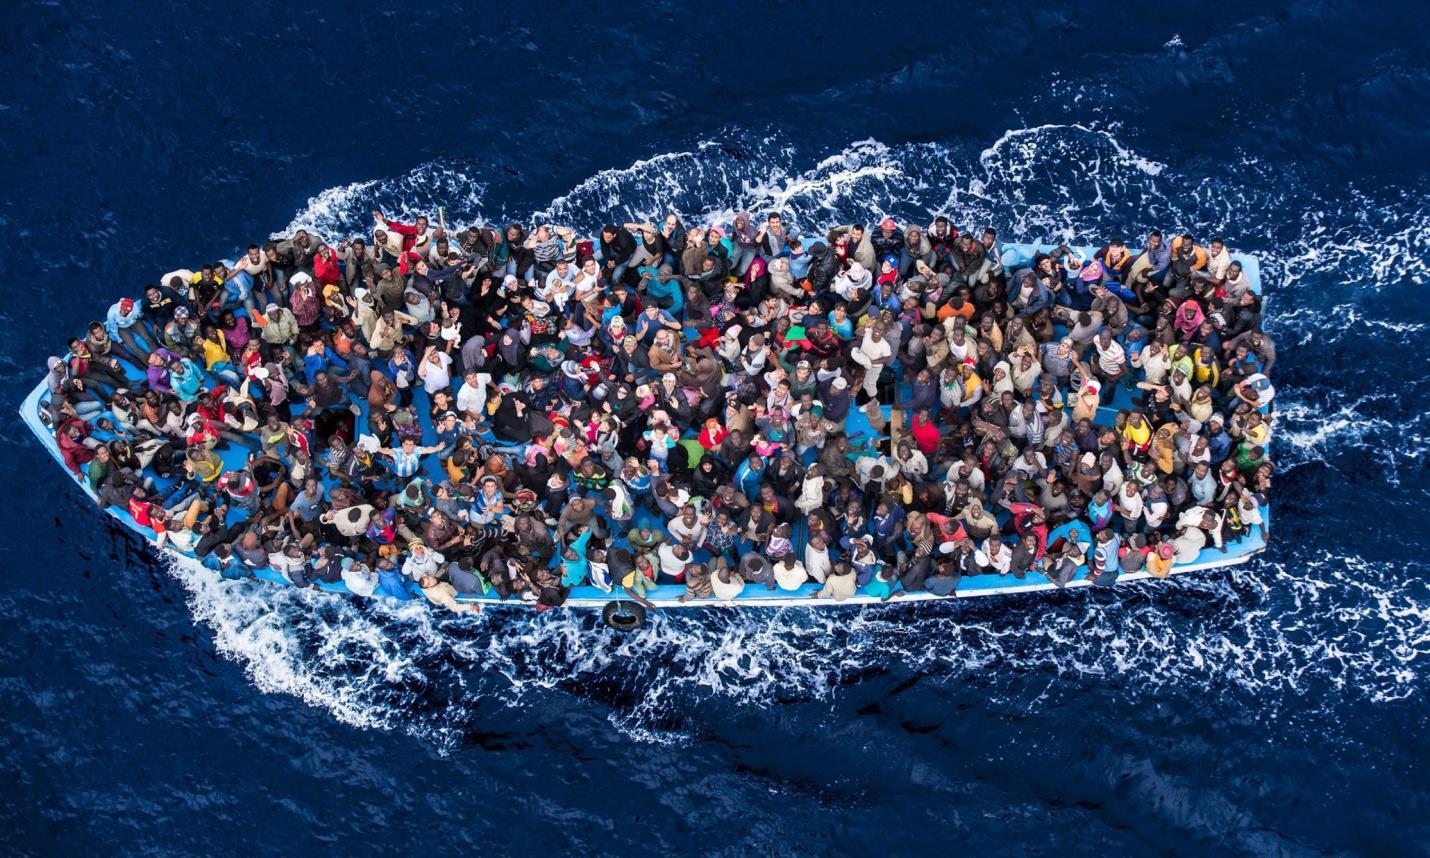 La mayor parte de los refugiados ha sido acogida por los países vecinos de Siria